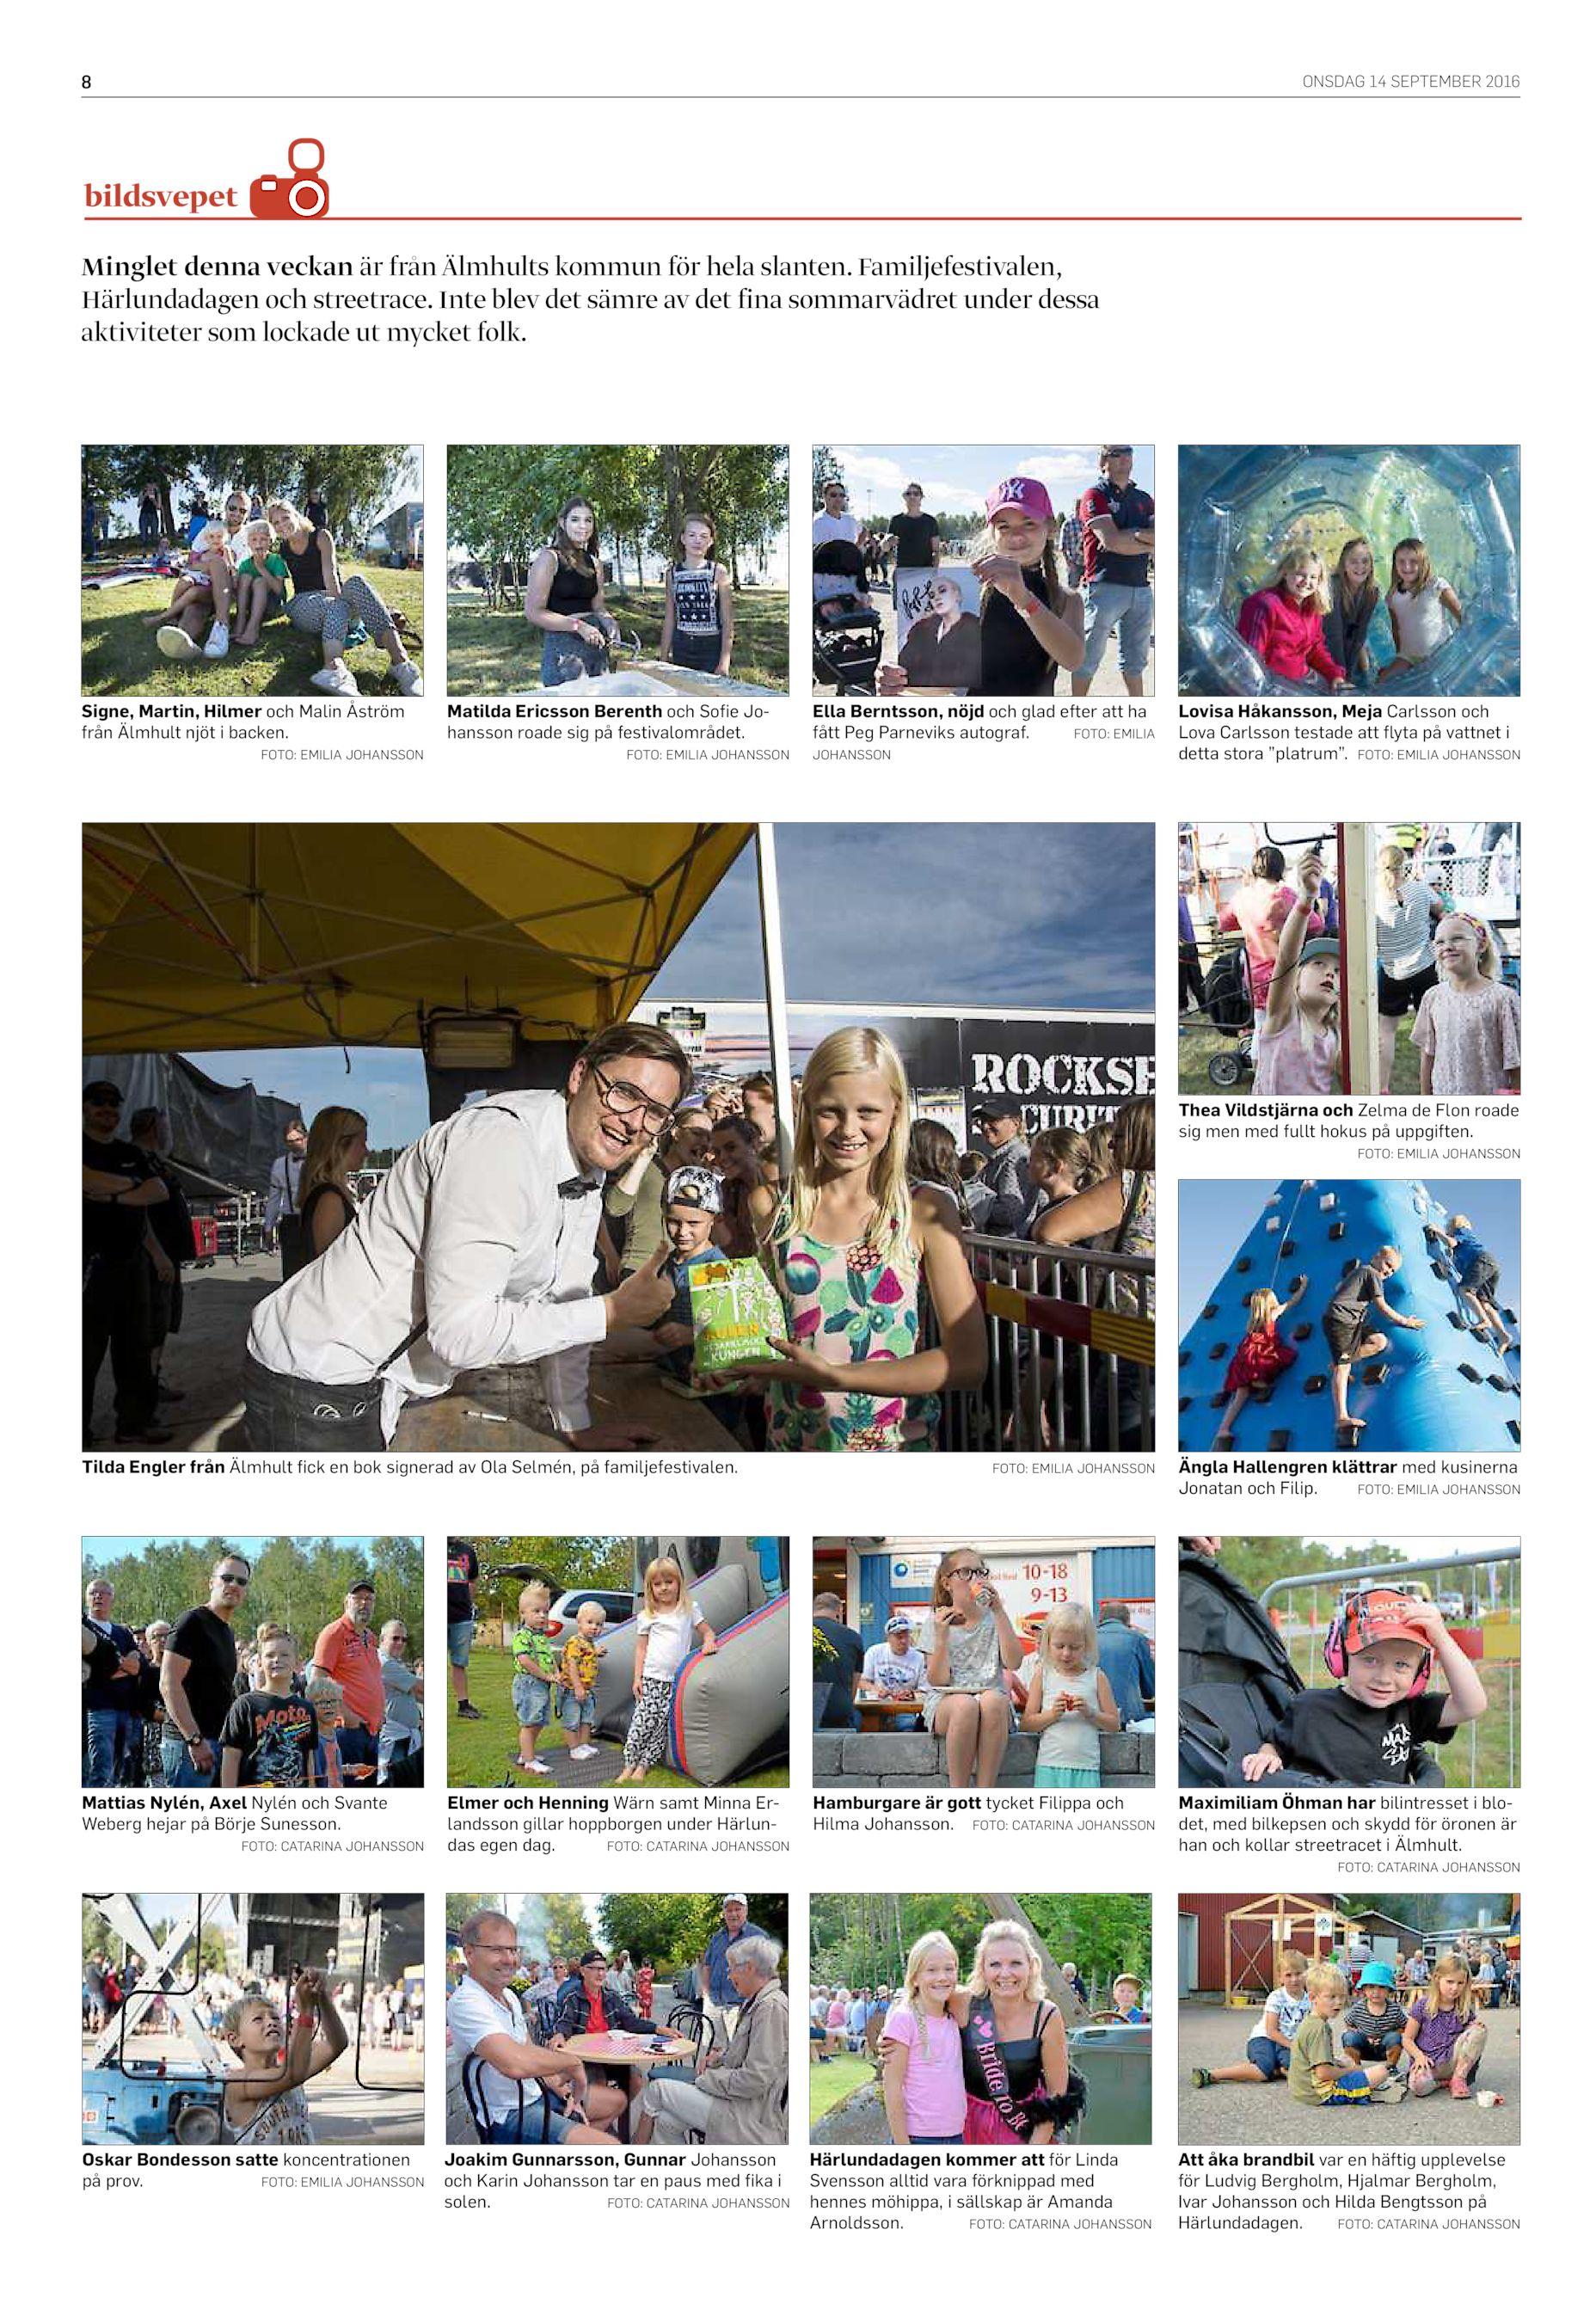 Veckobladet sv 20160914 (endast text)